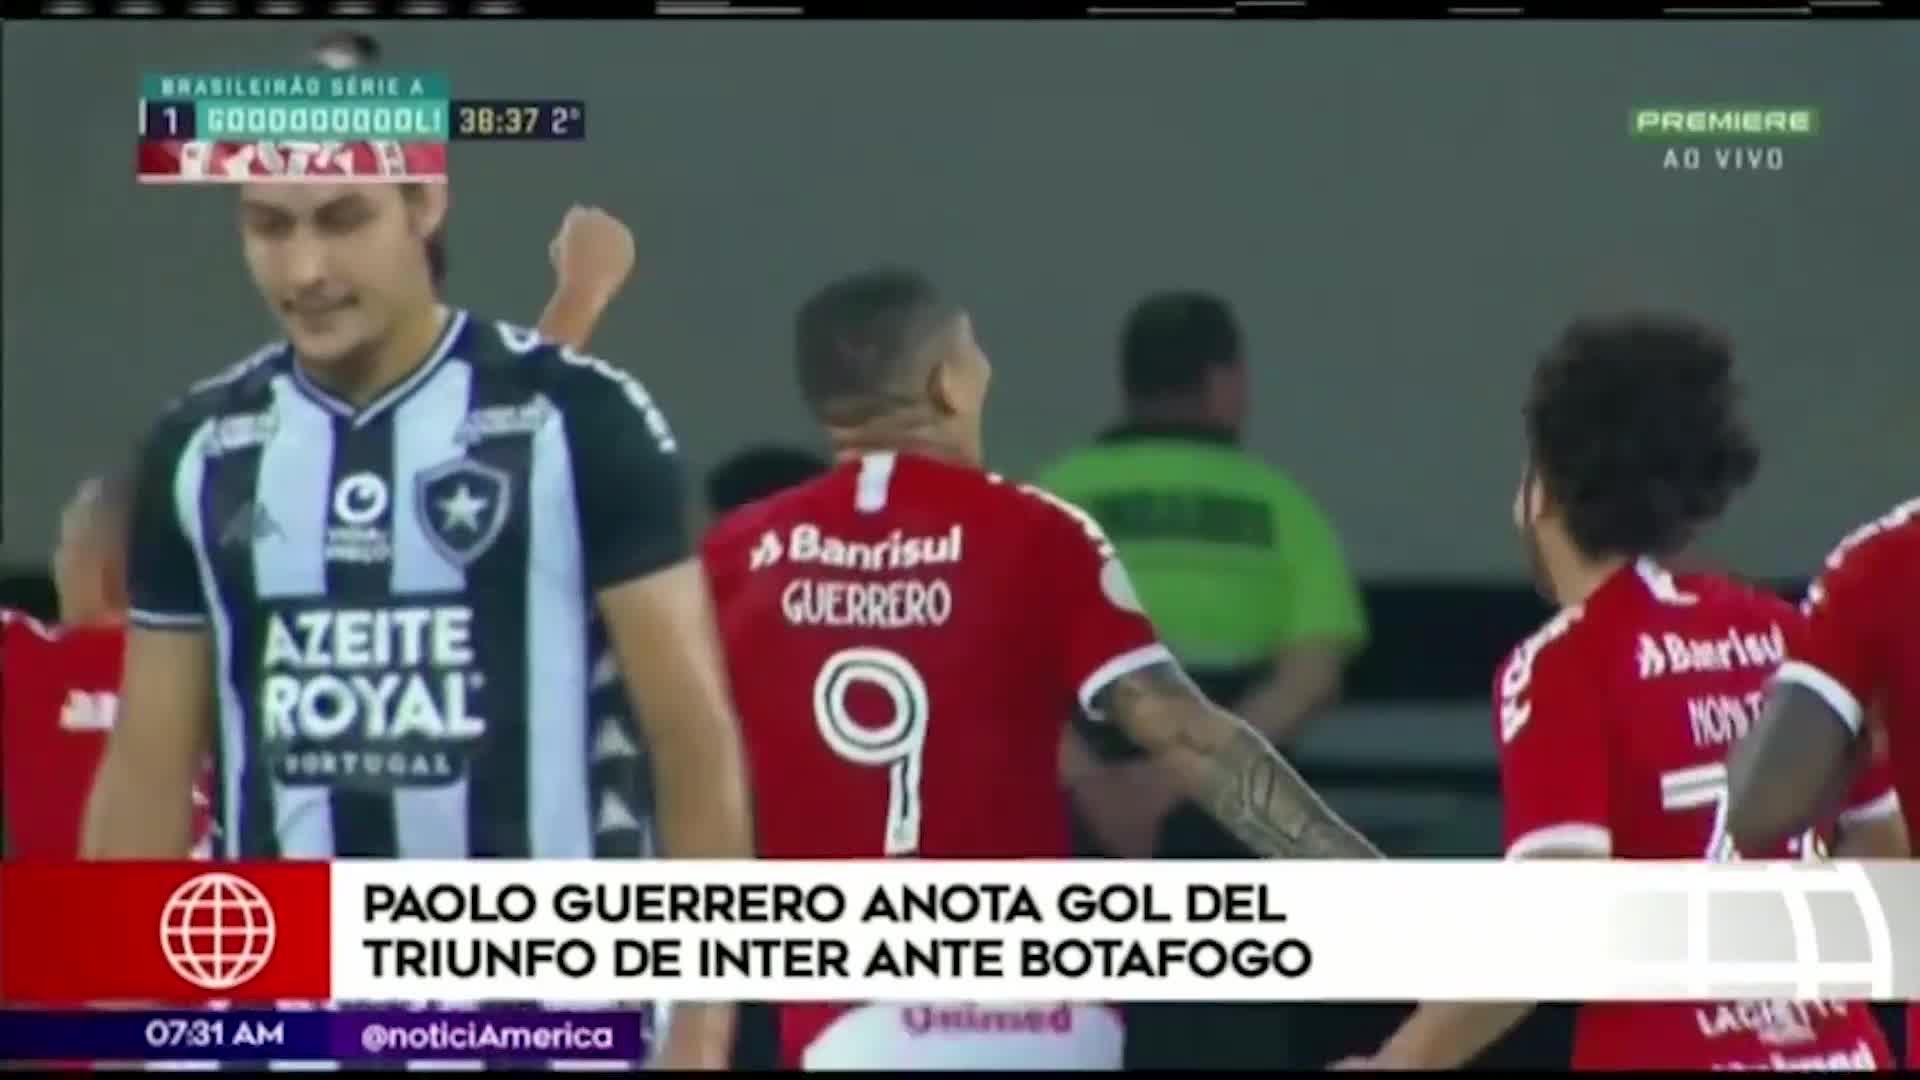 Paolo Guerrero anotó de zurda en la victoria del Internacional contra Botafogo